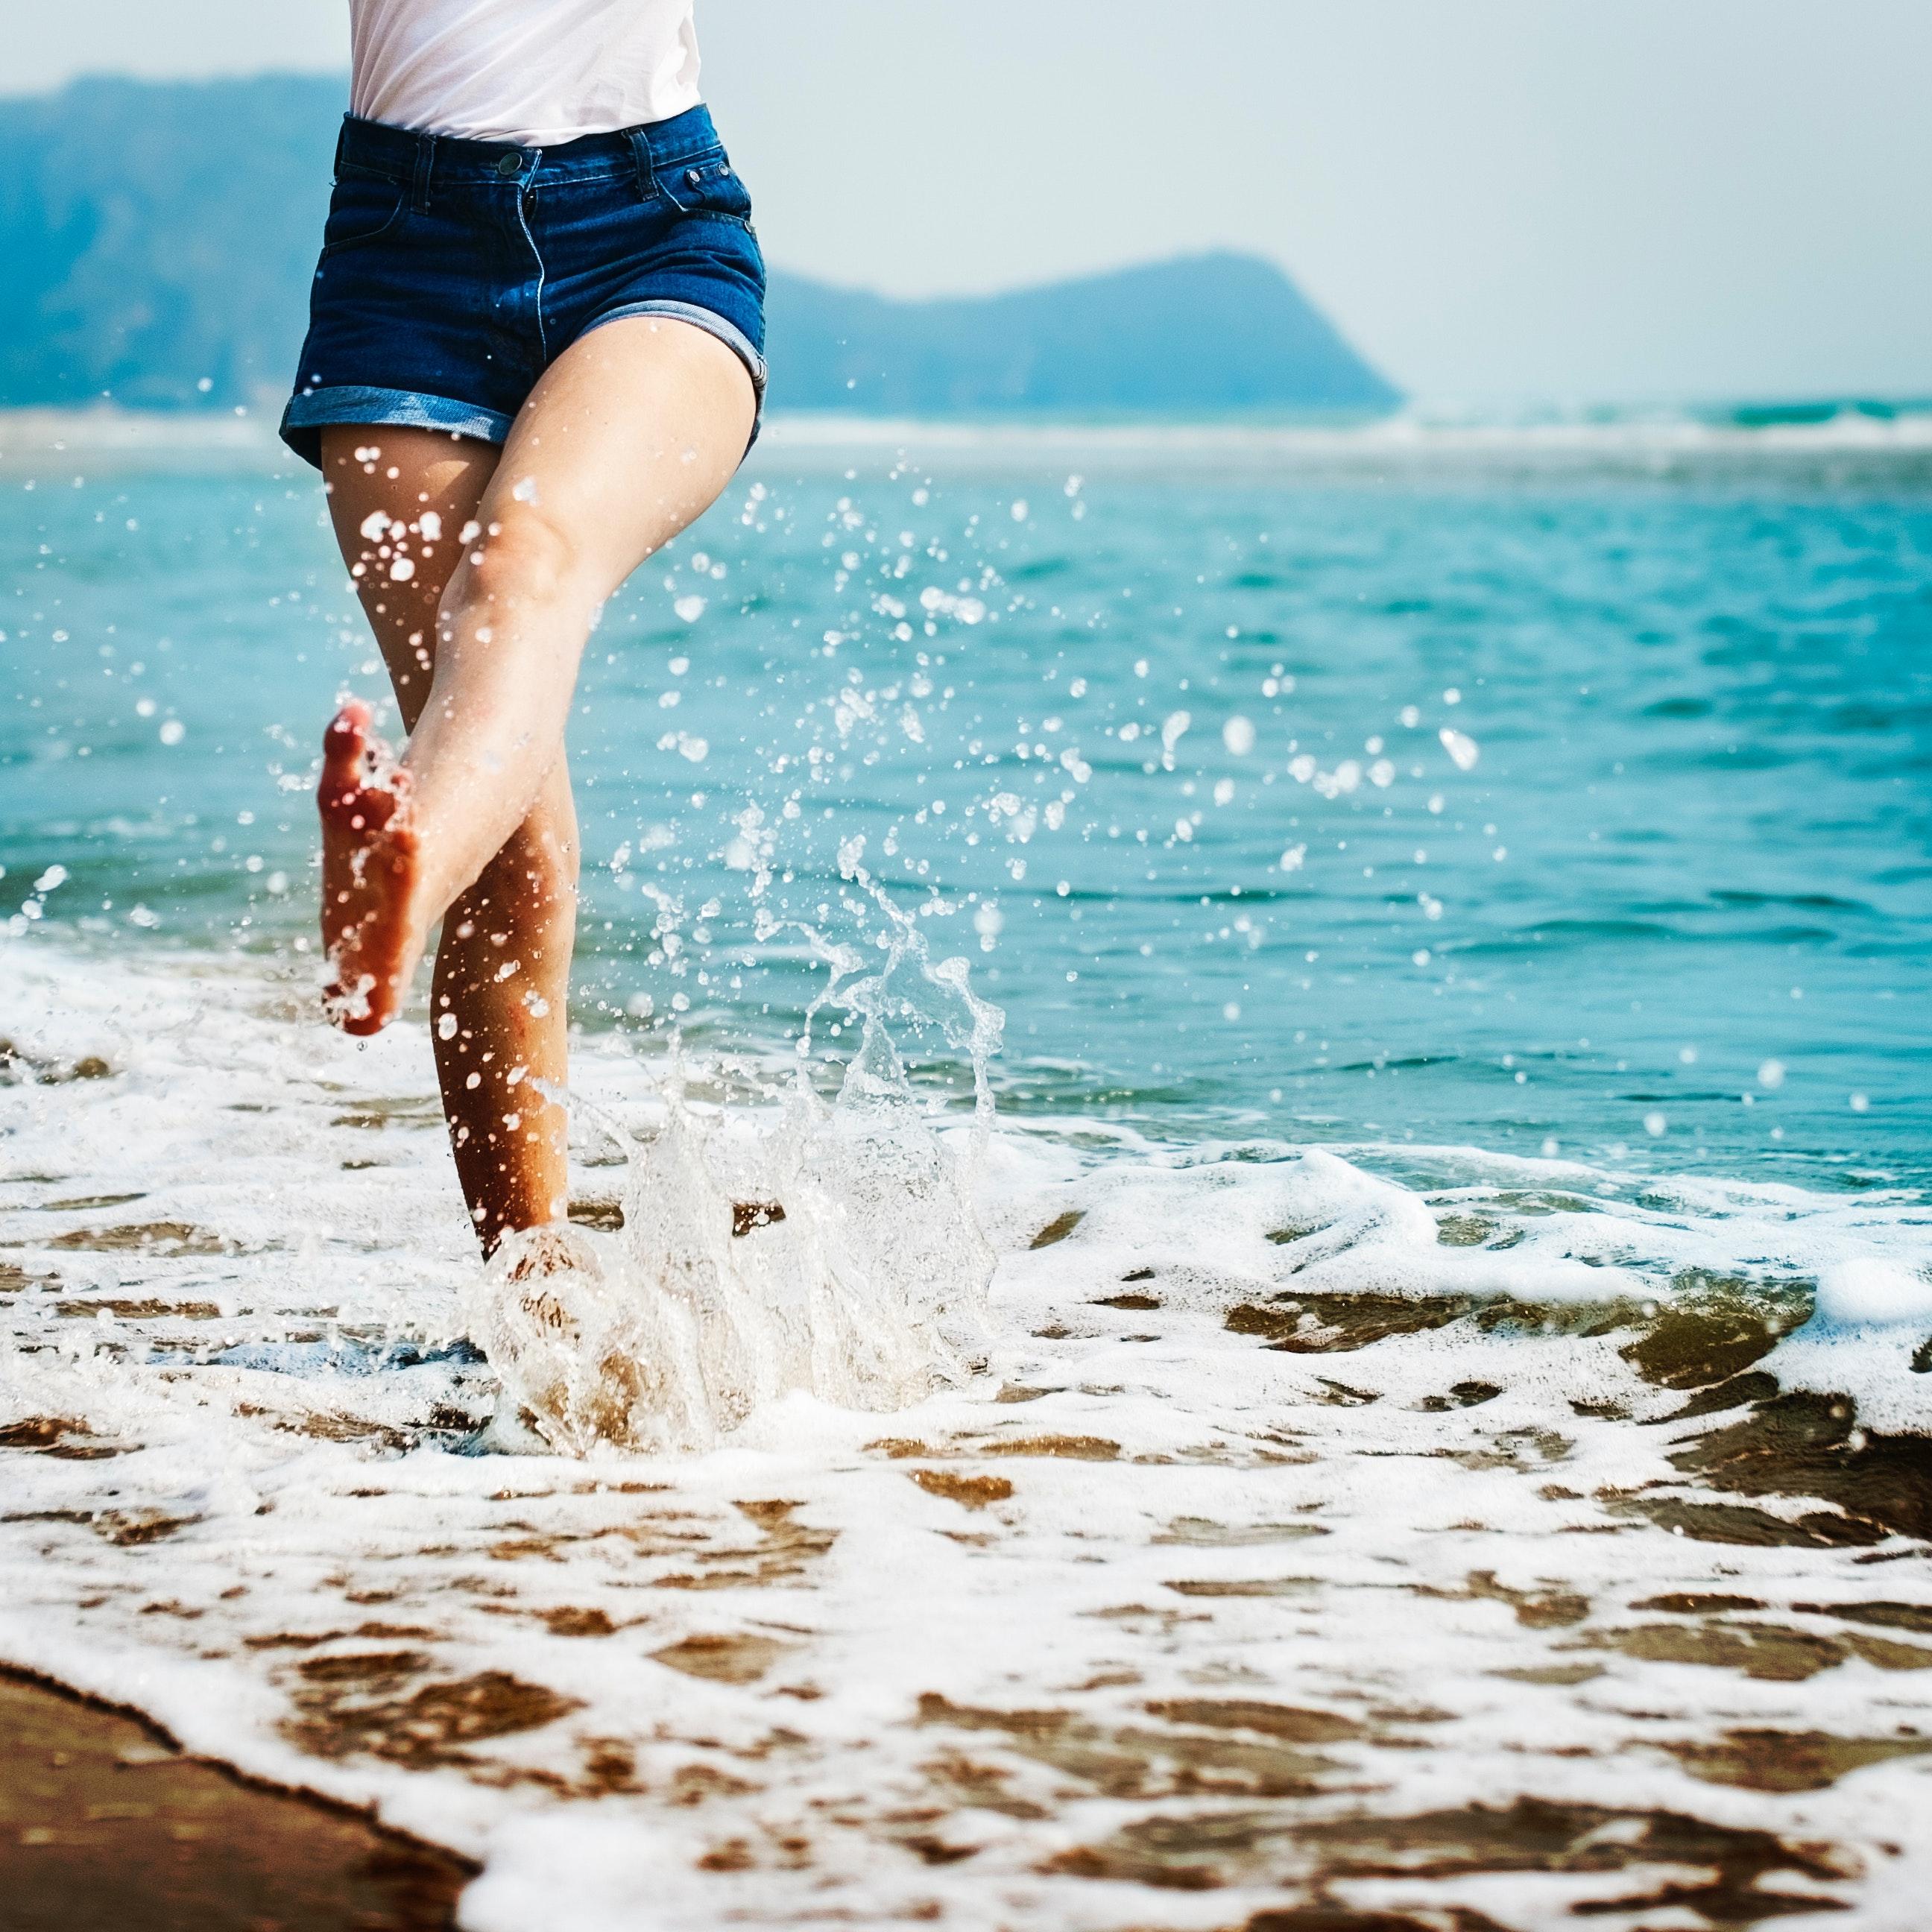 barefoot-beach-blur-296879